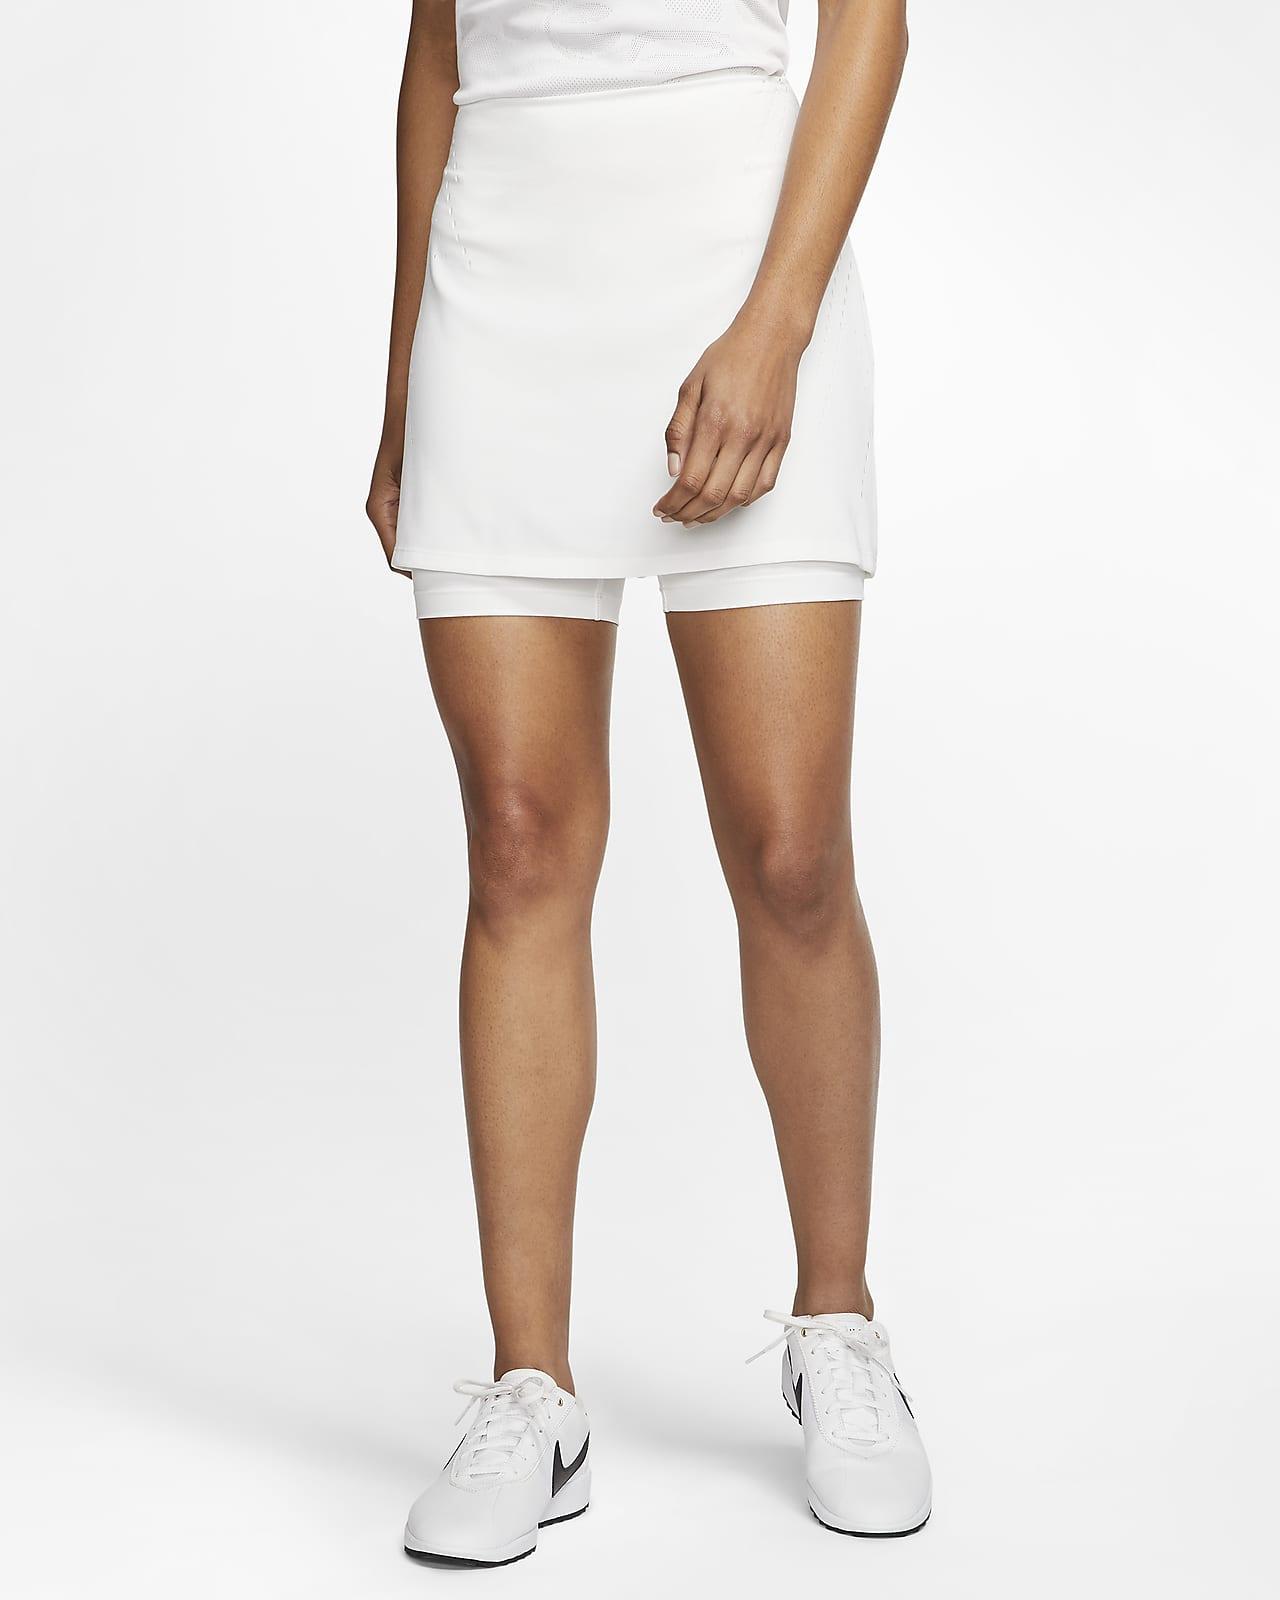 Nike Dri-FIT Ace Faldilla de golf de 38 cm - Dona